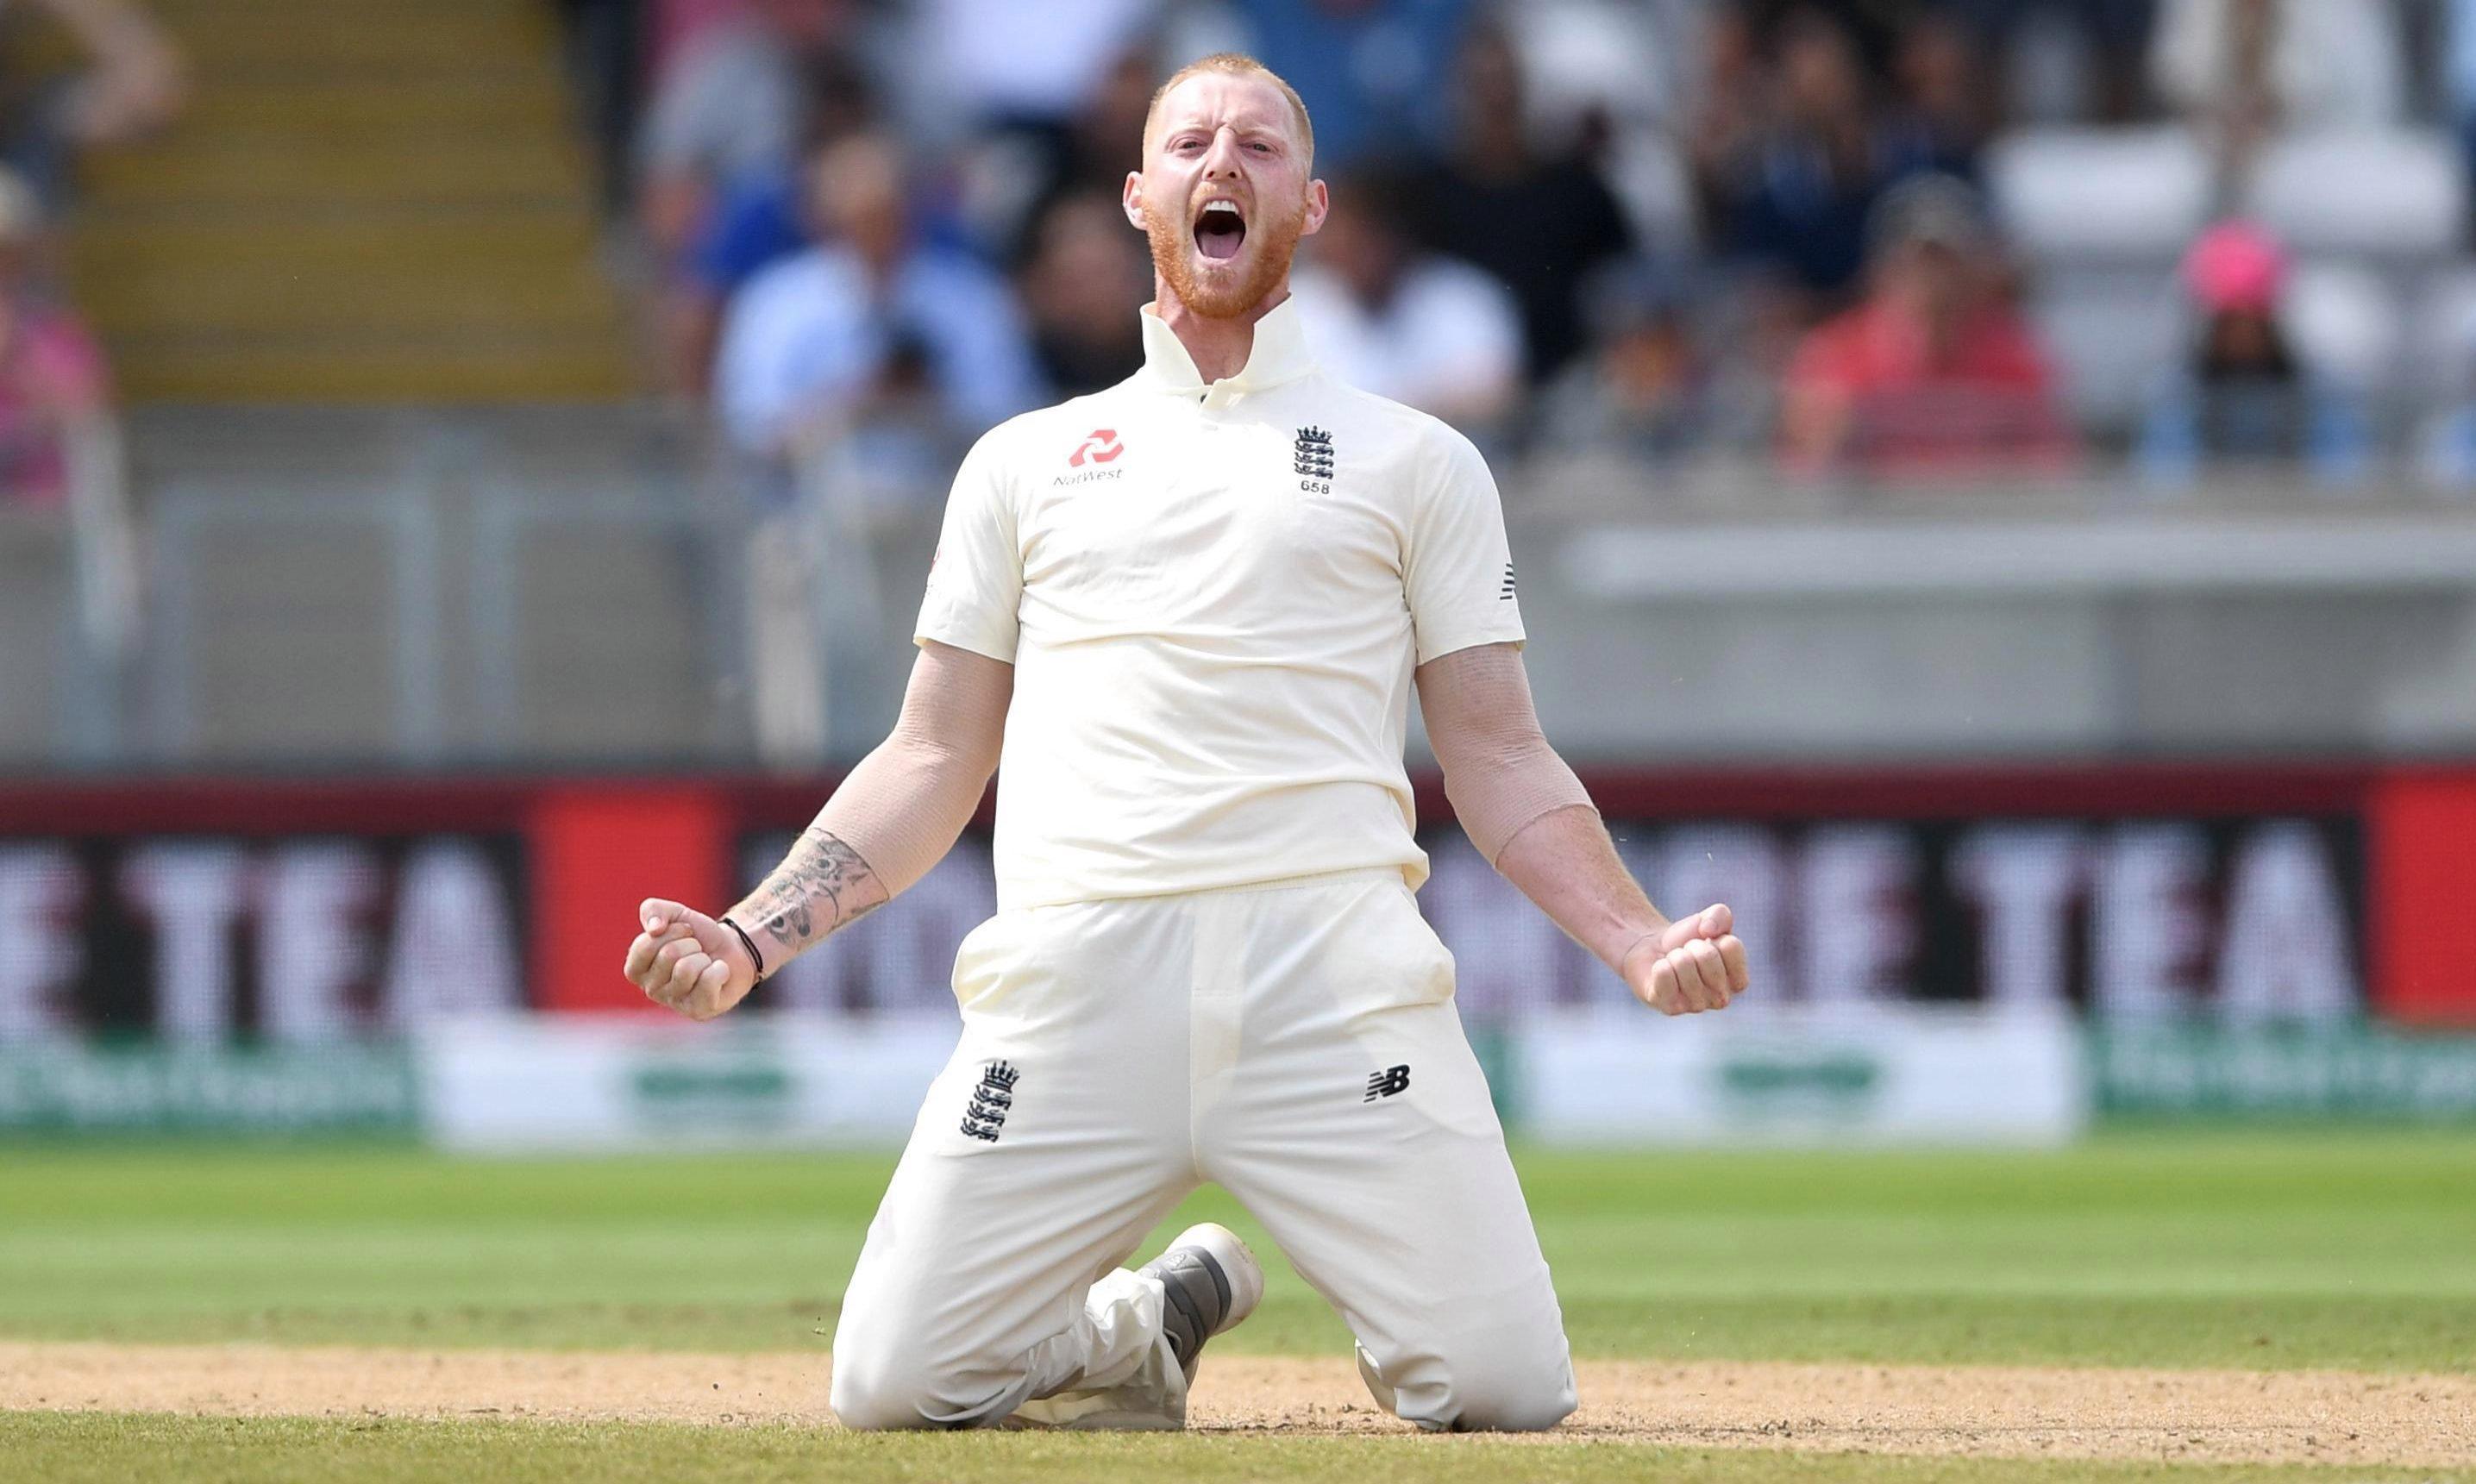 Ben Stokes celebrates his crucial wicket of Virat Kohli